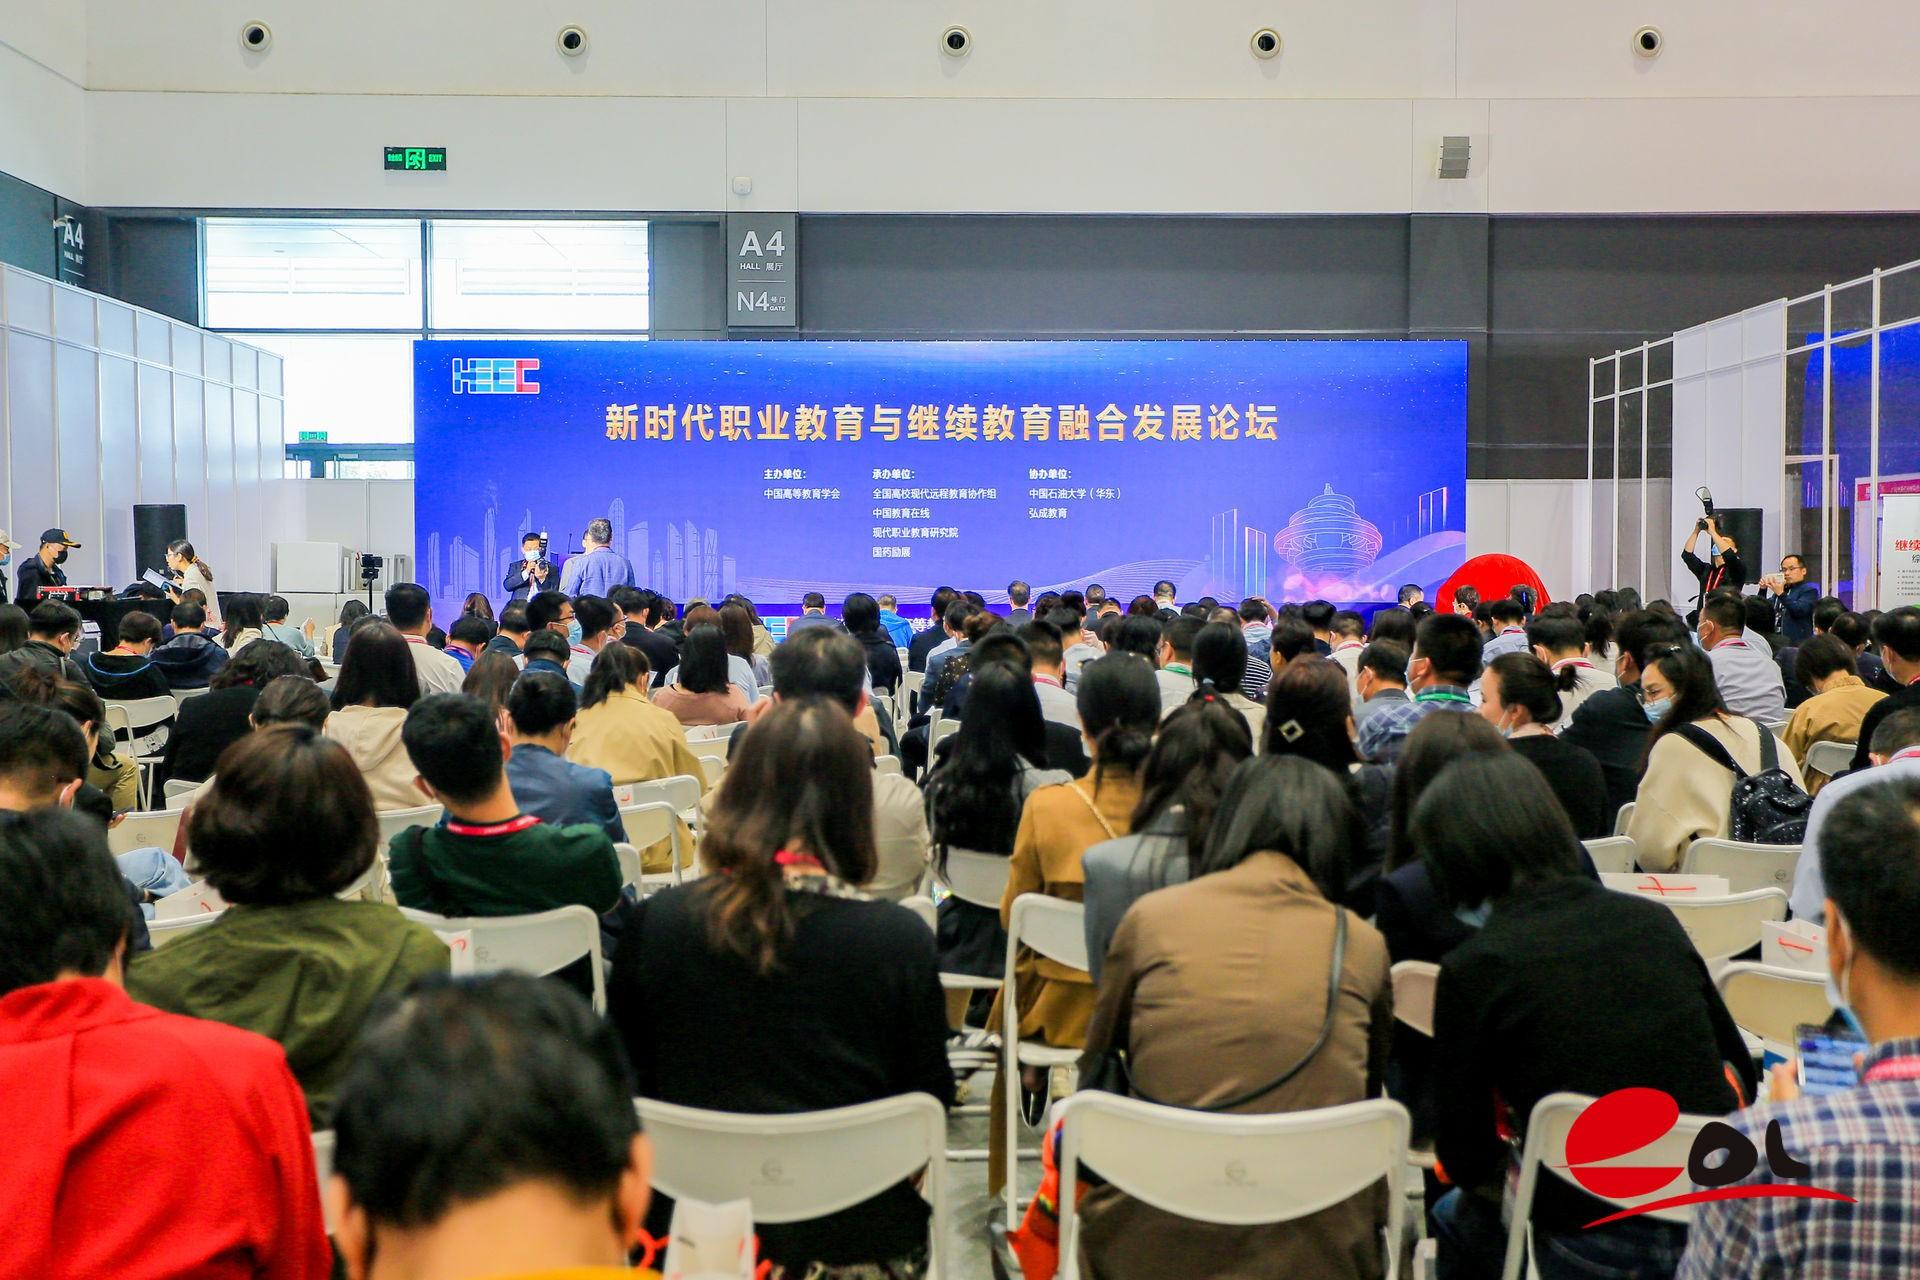 第56届高博会|弘成教育:智慧落地,共创职业教育与继续教育新时代